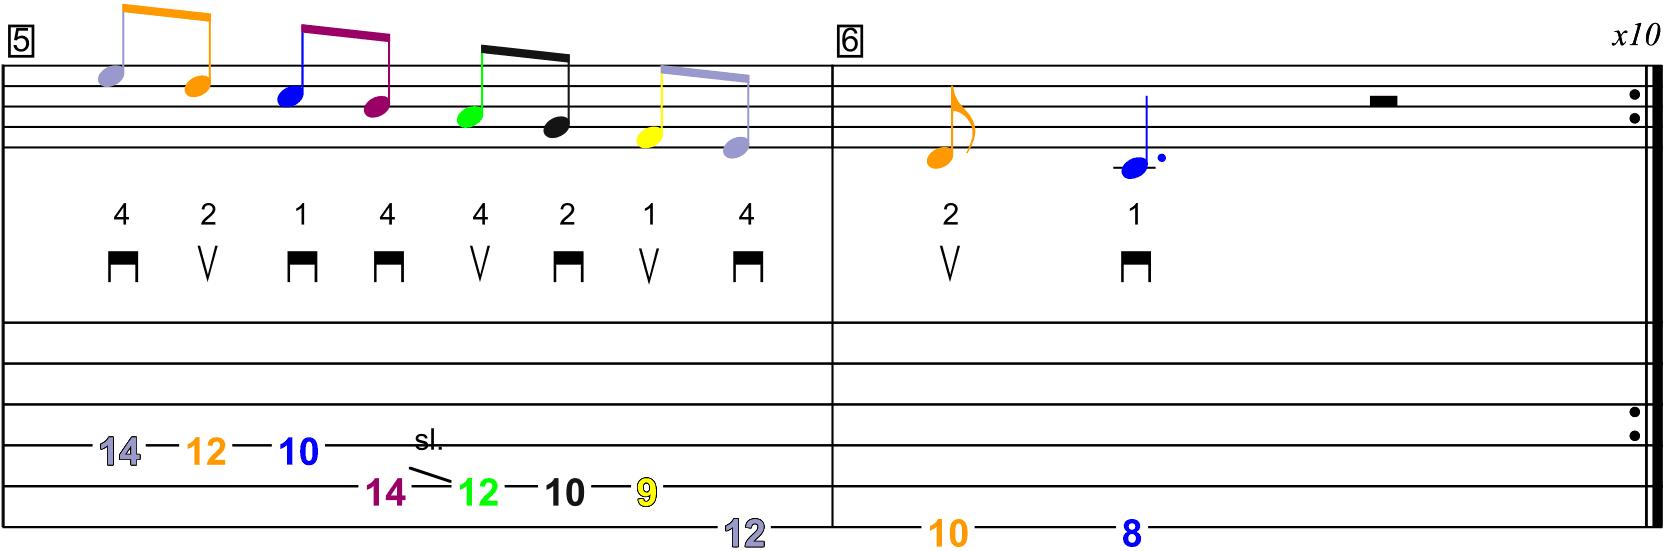 La gamme majeure de Sol en démanché (jeu latéral) - Schéma n°4 sur la partition et la tablature (page 3)